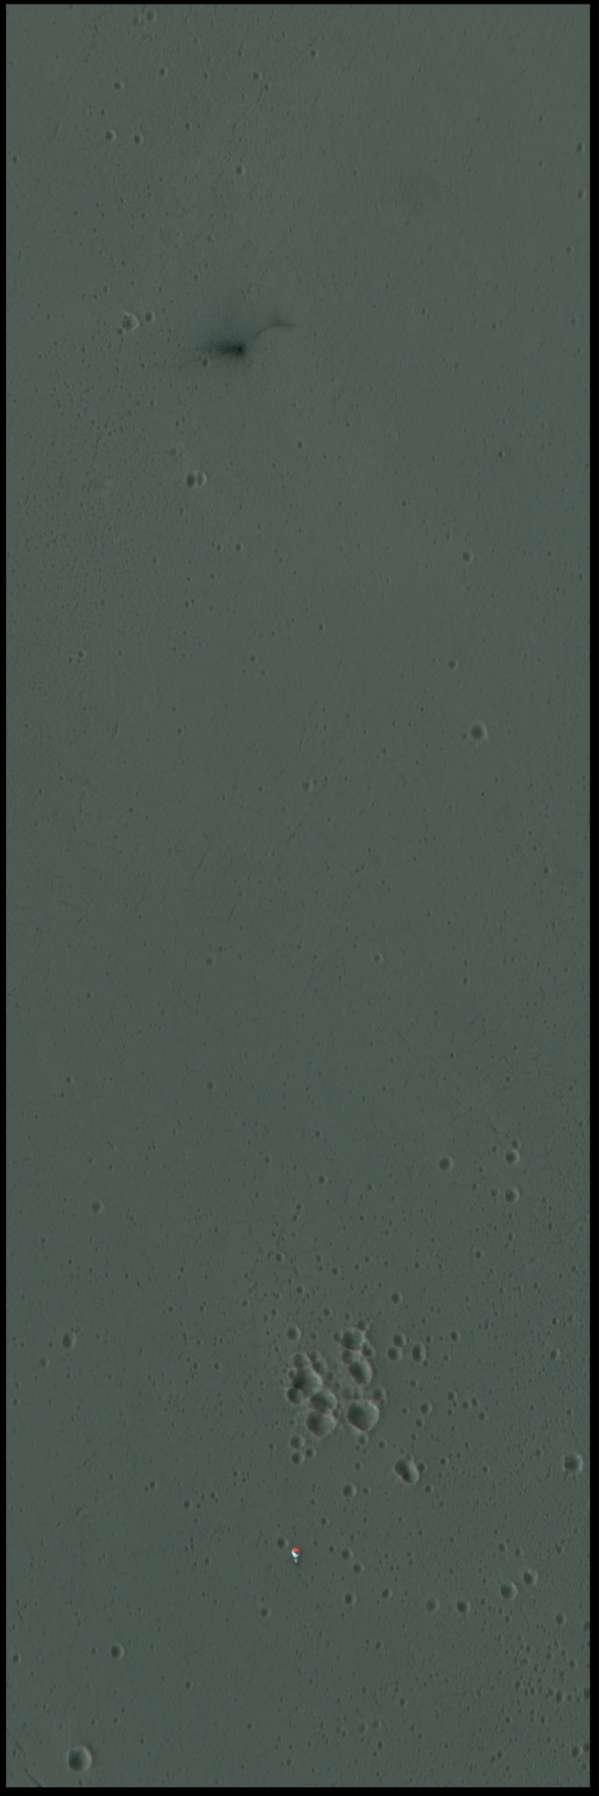 ExoMars Schiaparelli - ESP_048041_1780 ESP_048120_1780 anaglifo